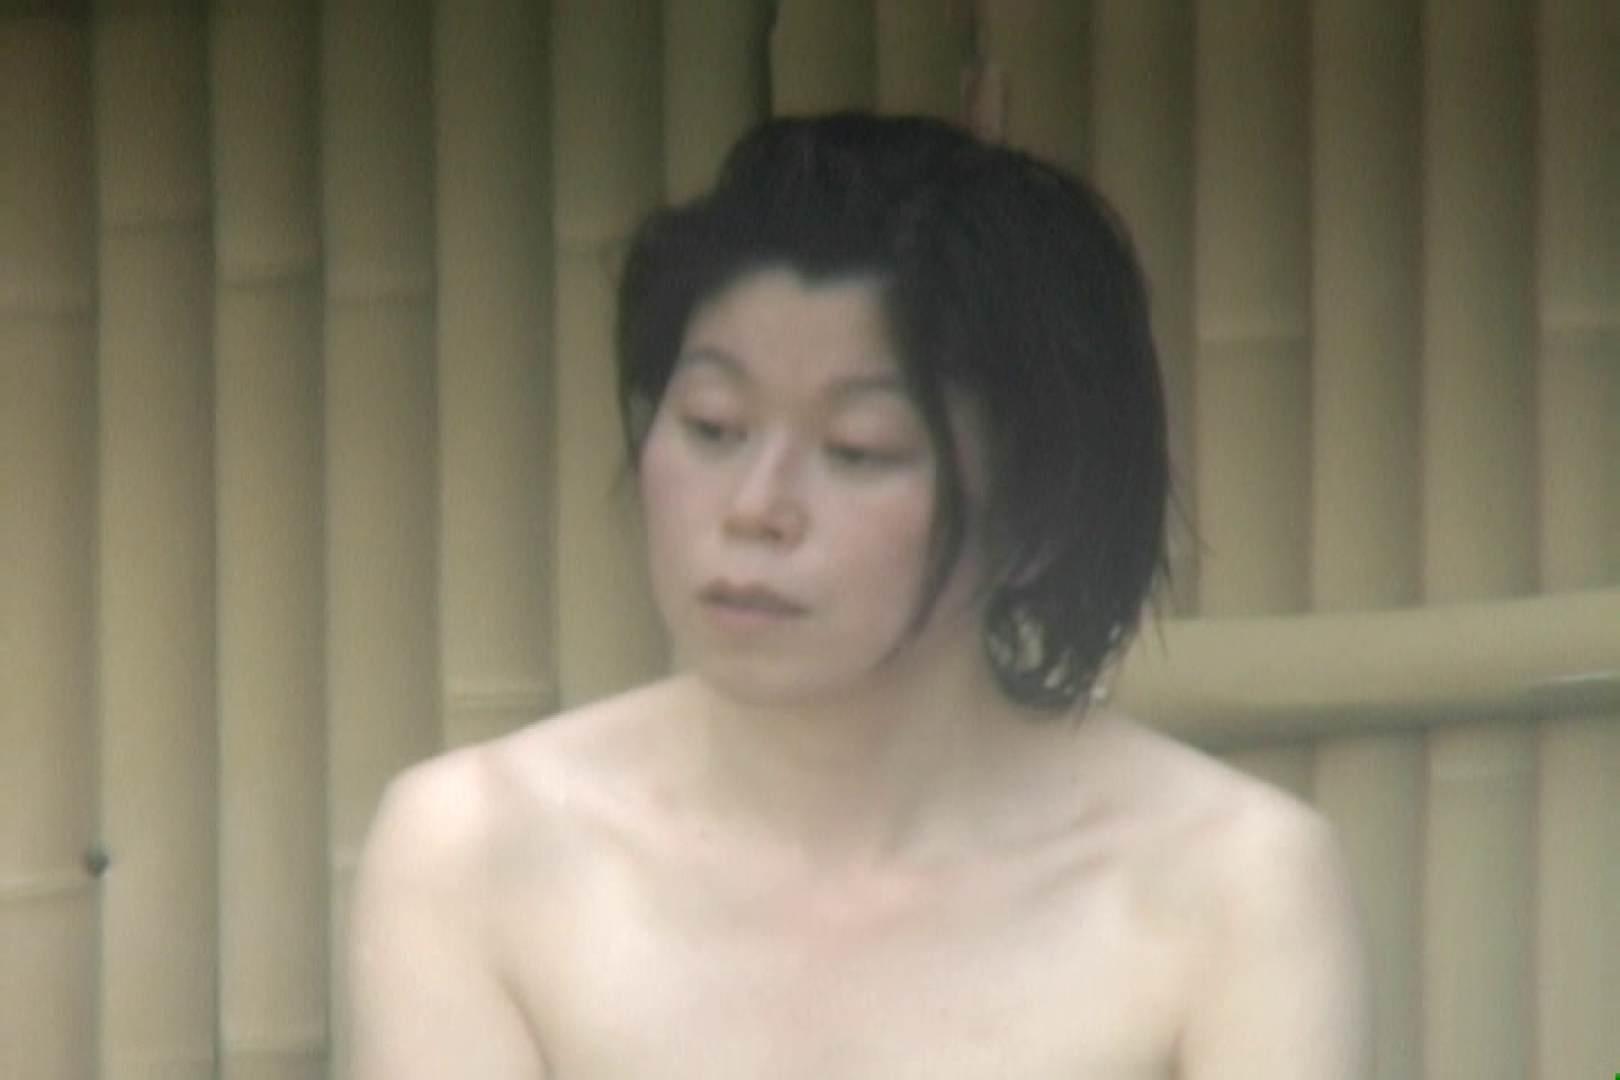 高画質露天女風呂観察 vol.008 望遠映像 | 乙女のエロ動画  102PIX 13